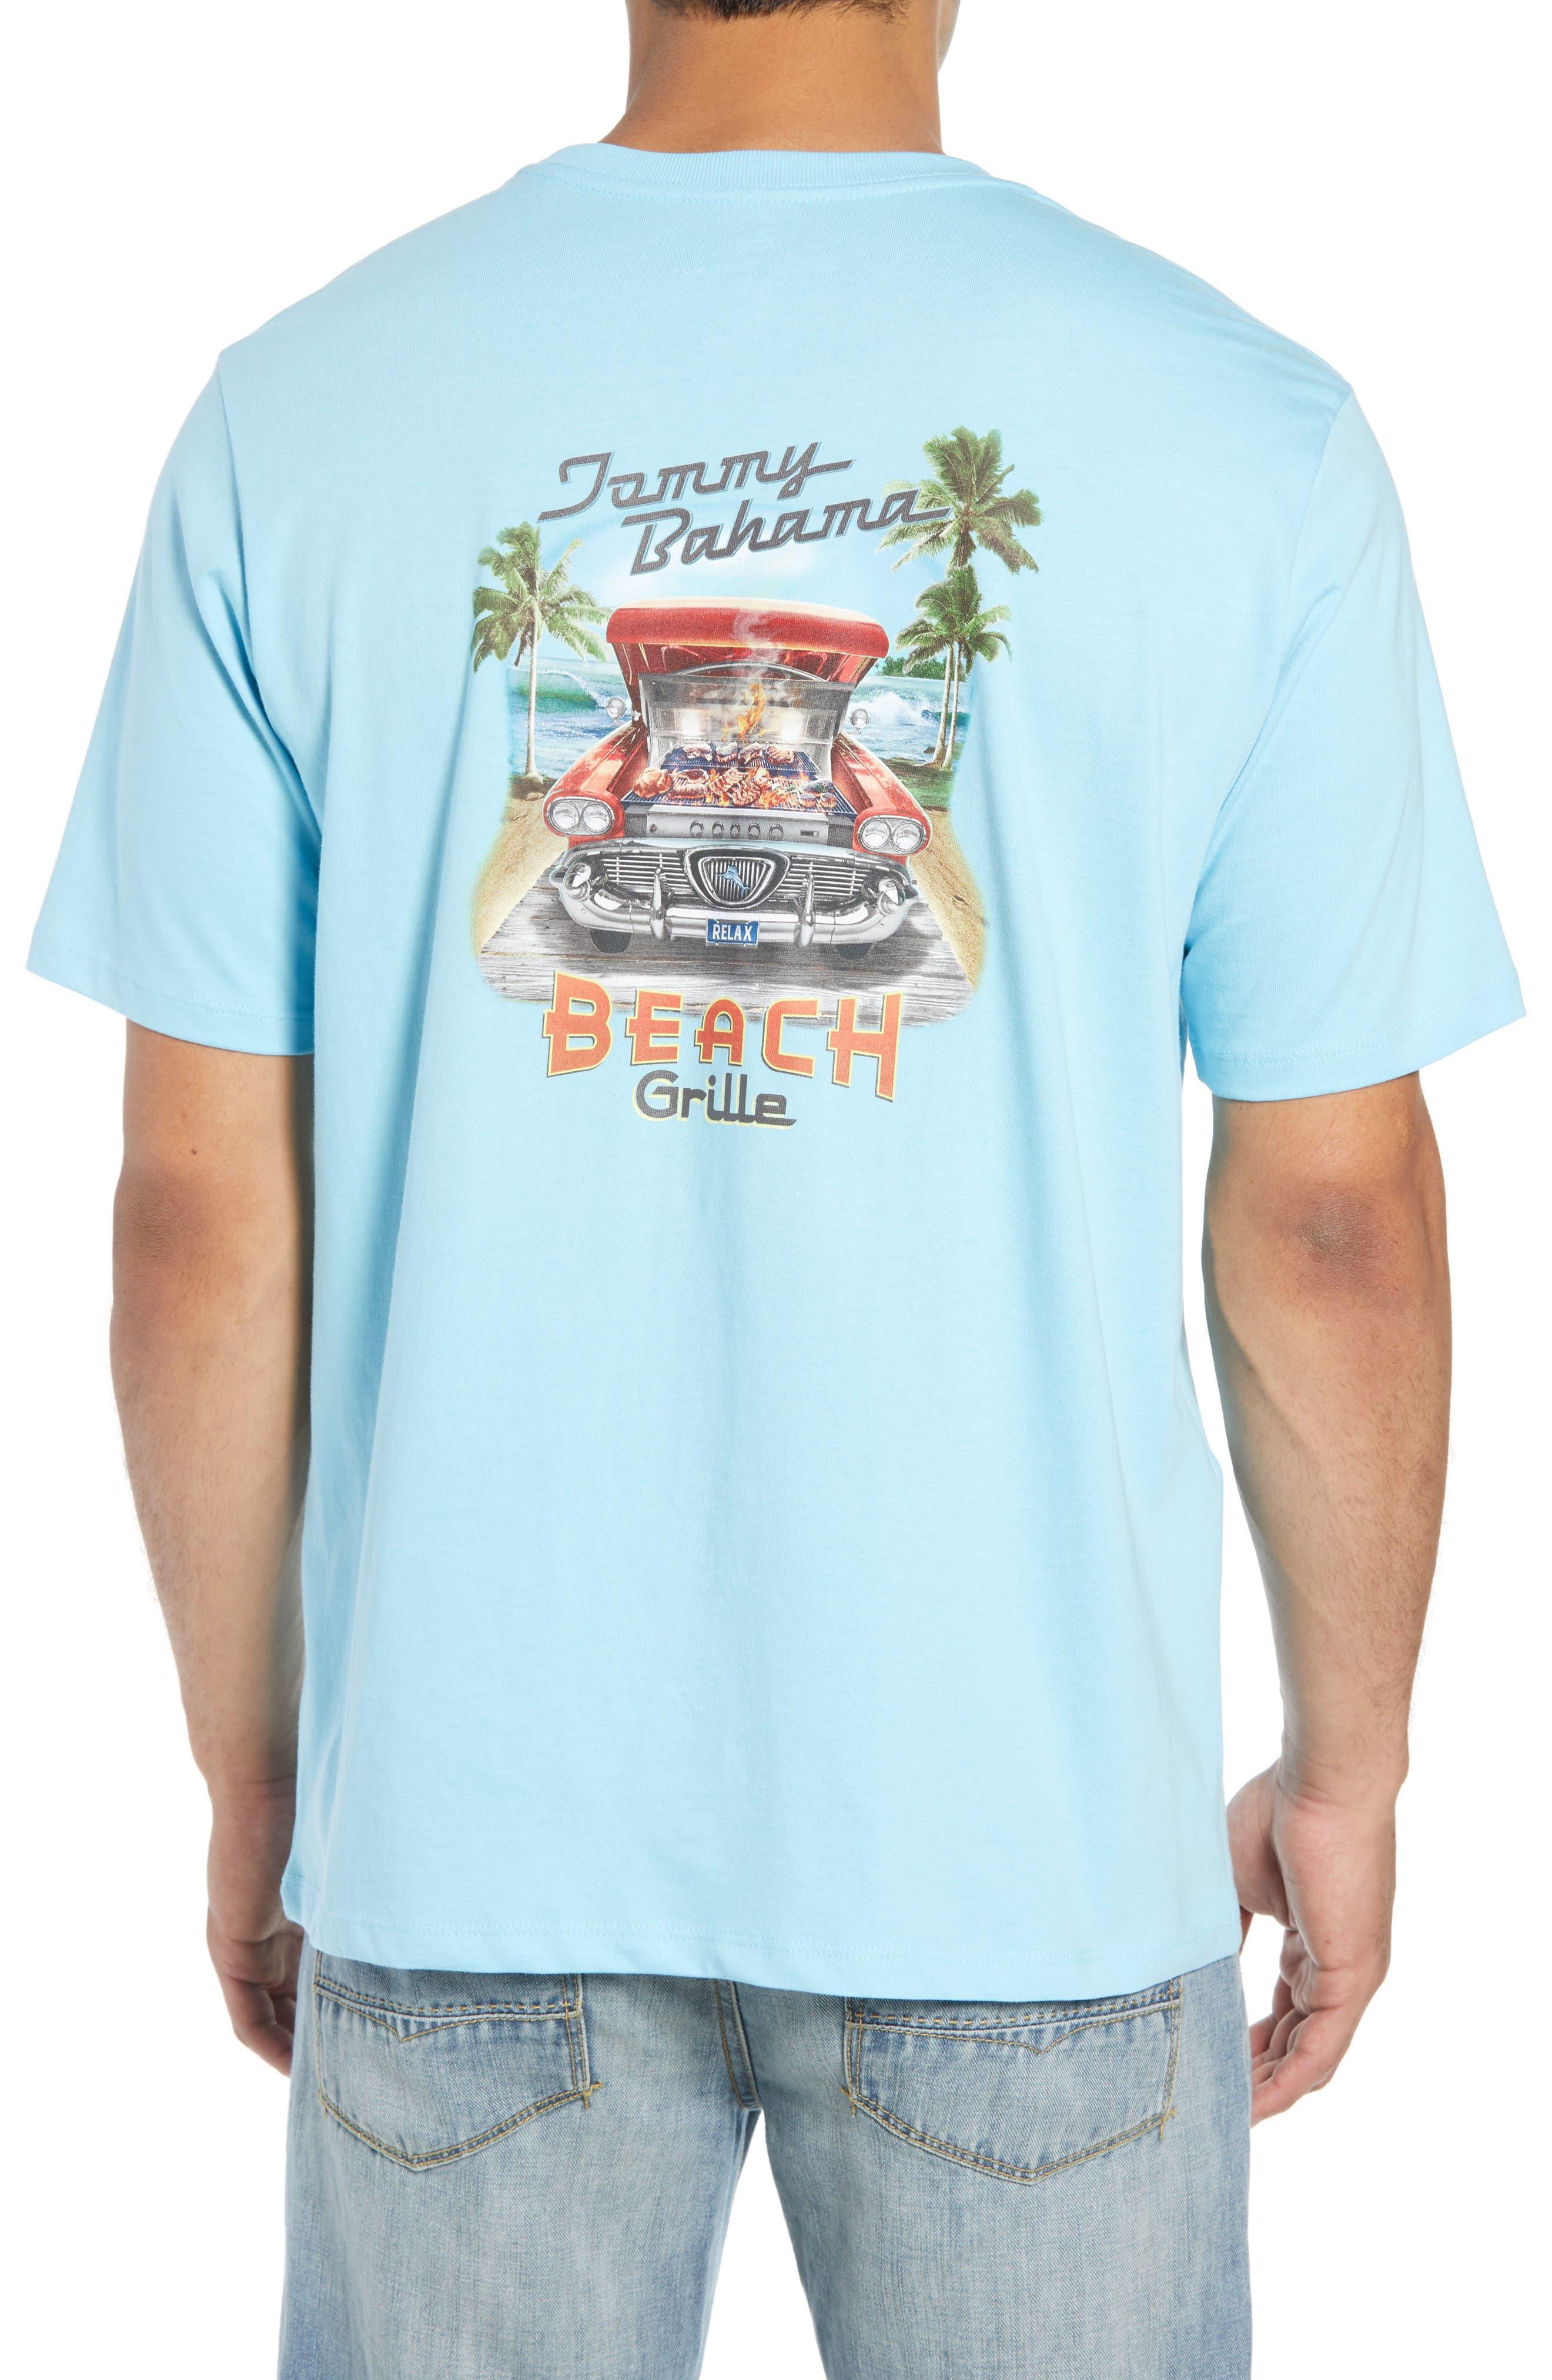 Beach Grille T-Shirt,                             Alternate thumbnail 2, color,                             Bowtie Blue